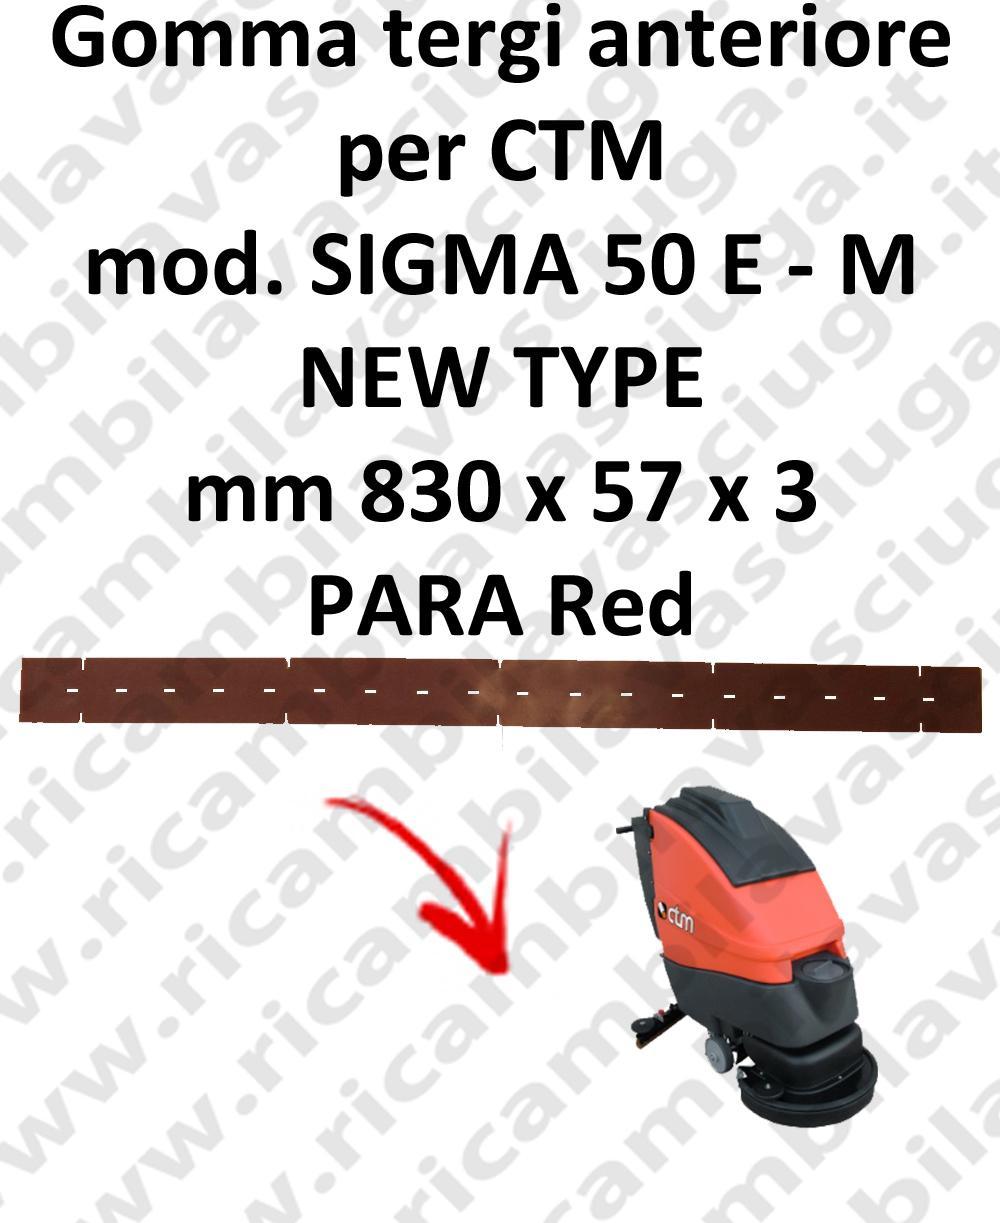 SIGMA 50 E - M new type GOMMA TERGI lavapavimenti anteriore per CTM